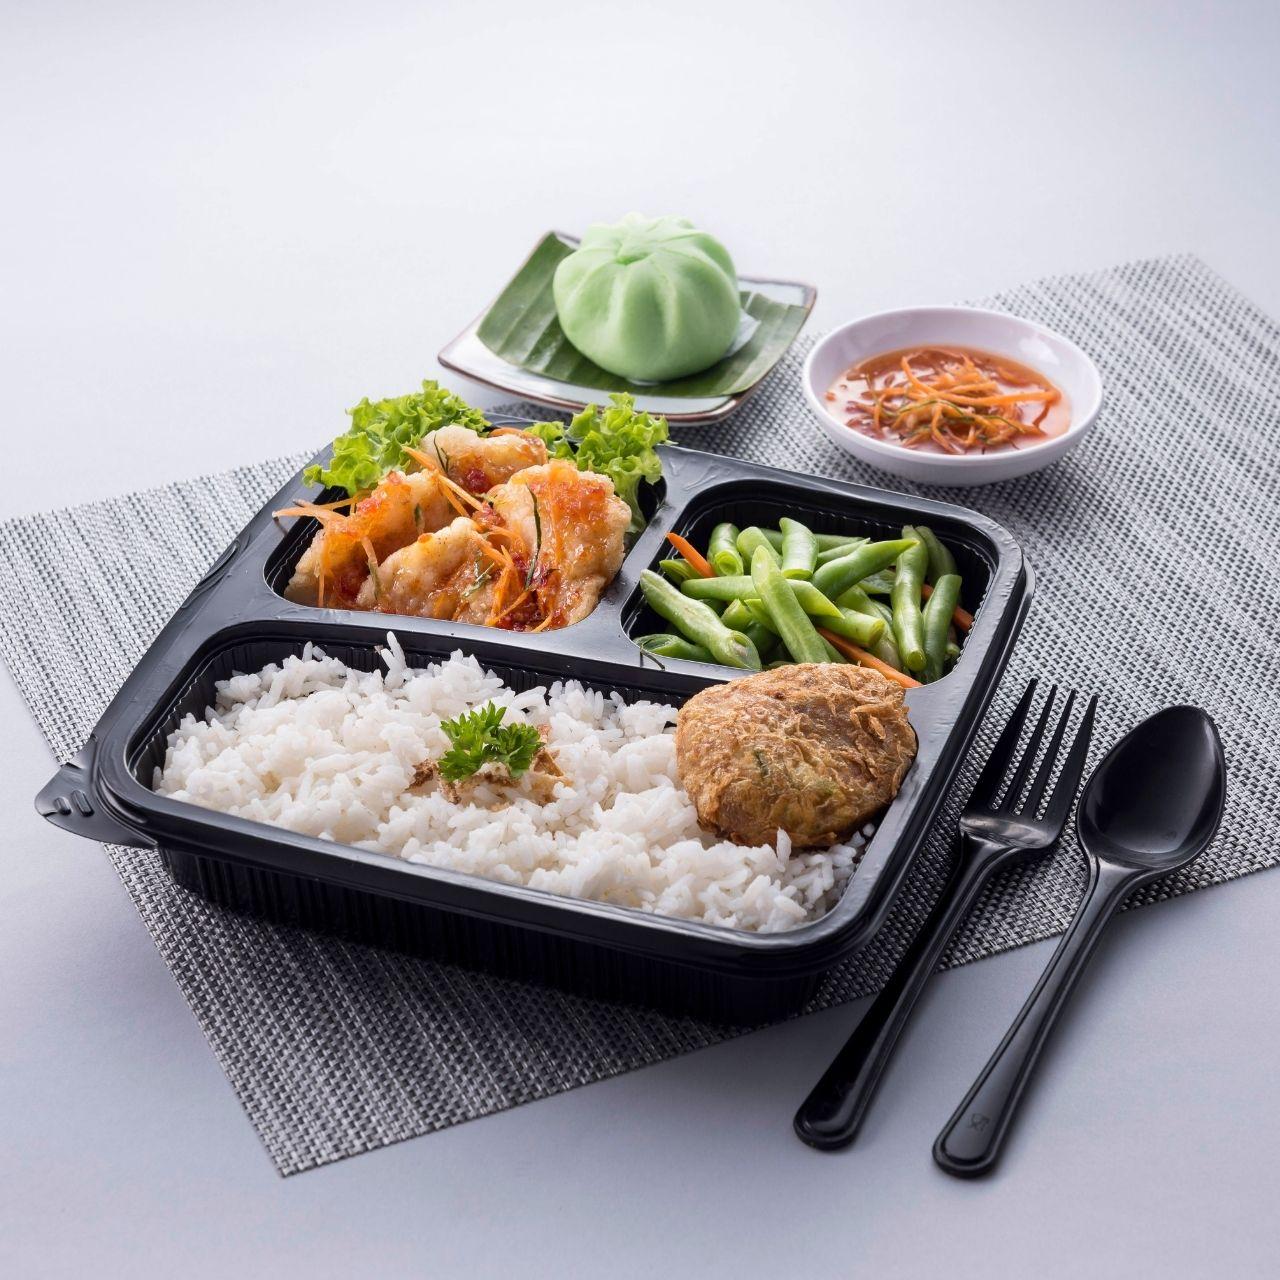 runningmen catering bento box nasi putih with thai fish